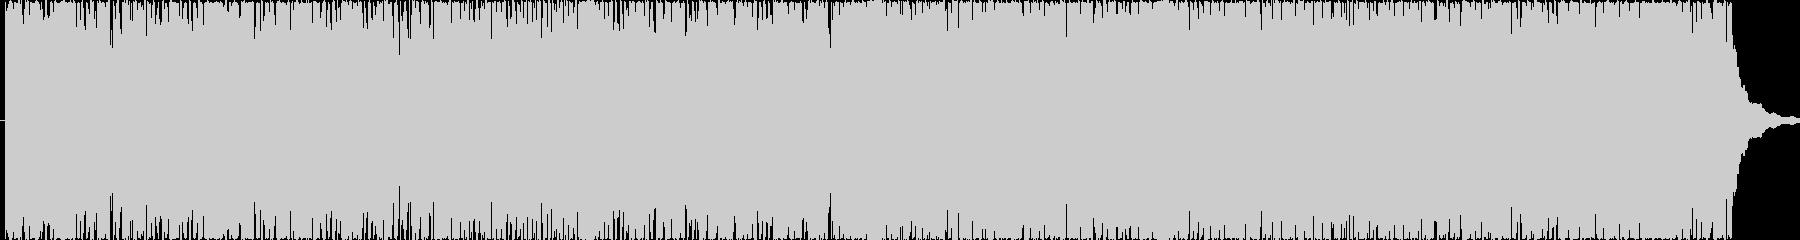 リズミックで楽しいイメージのポップBGMの未再生の波形